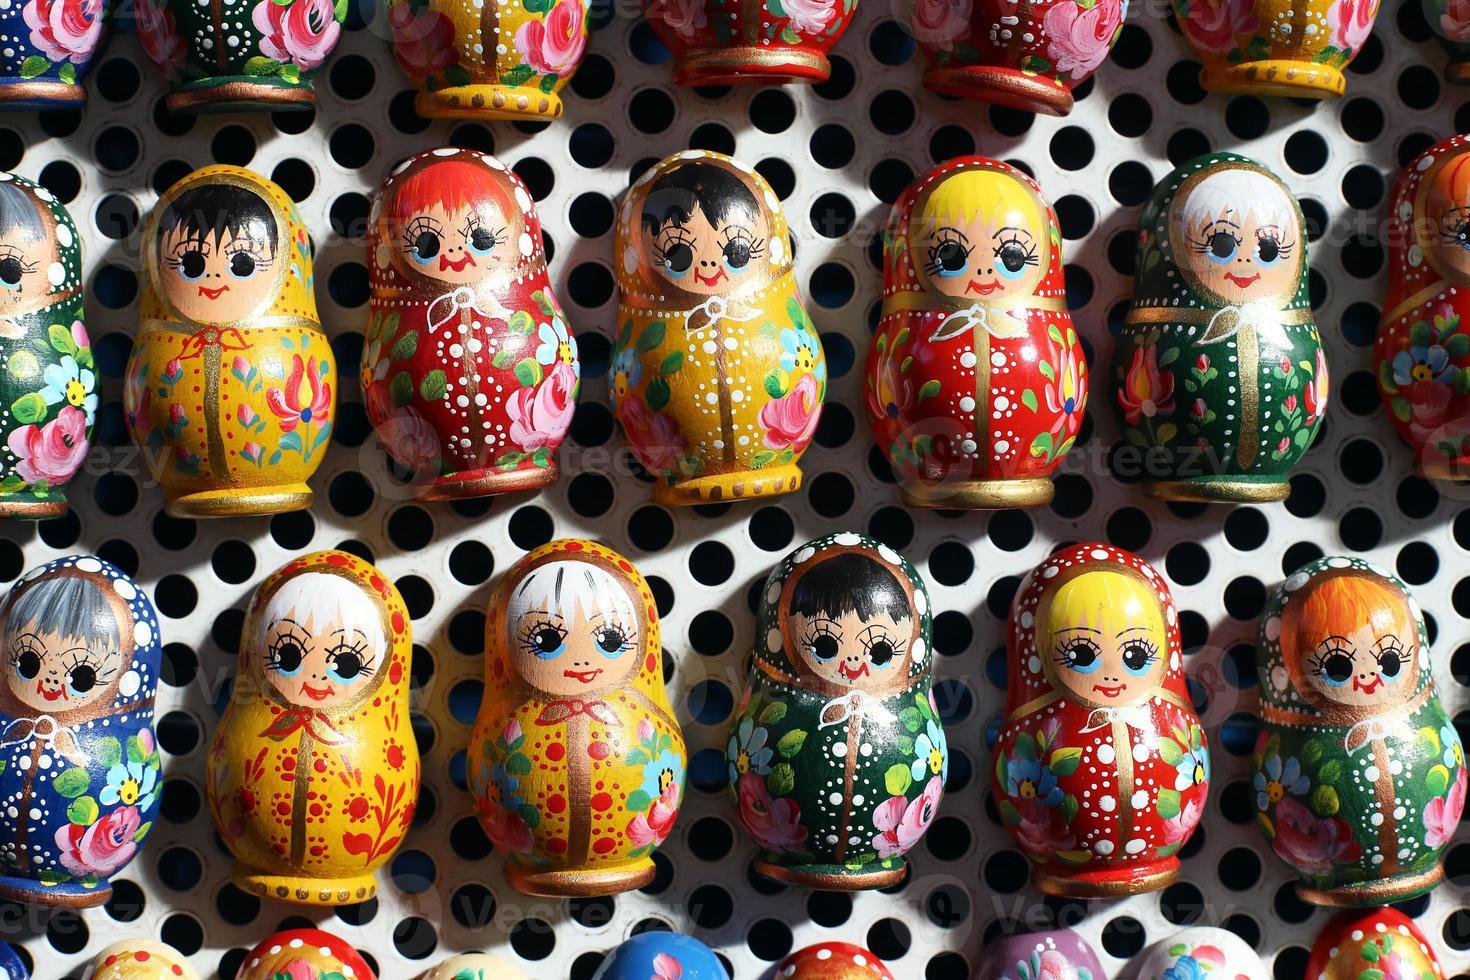 Gruppe russischer Matreshka-Puppen als Souvenirs foto